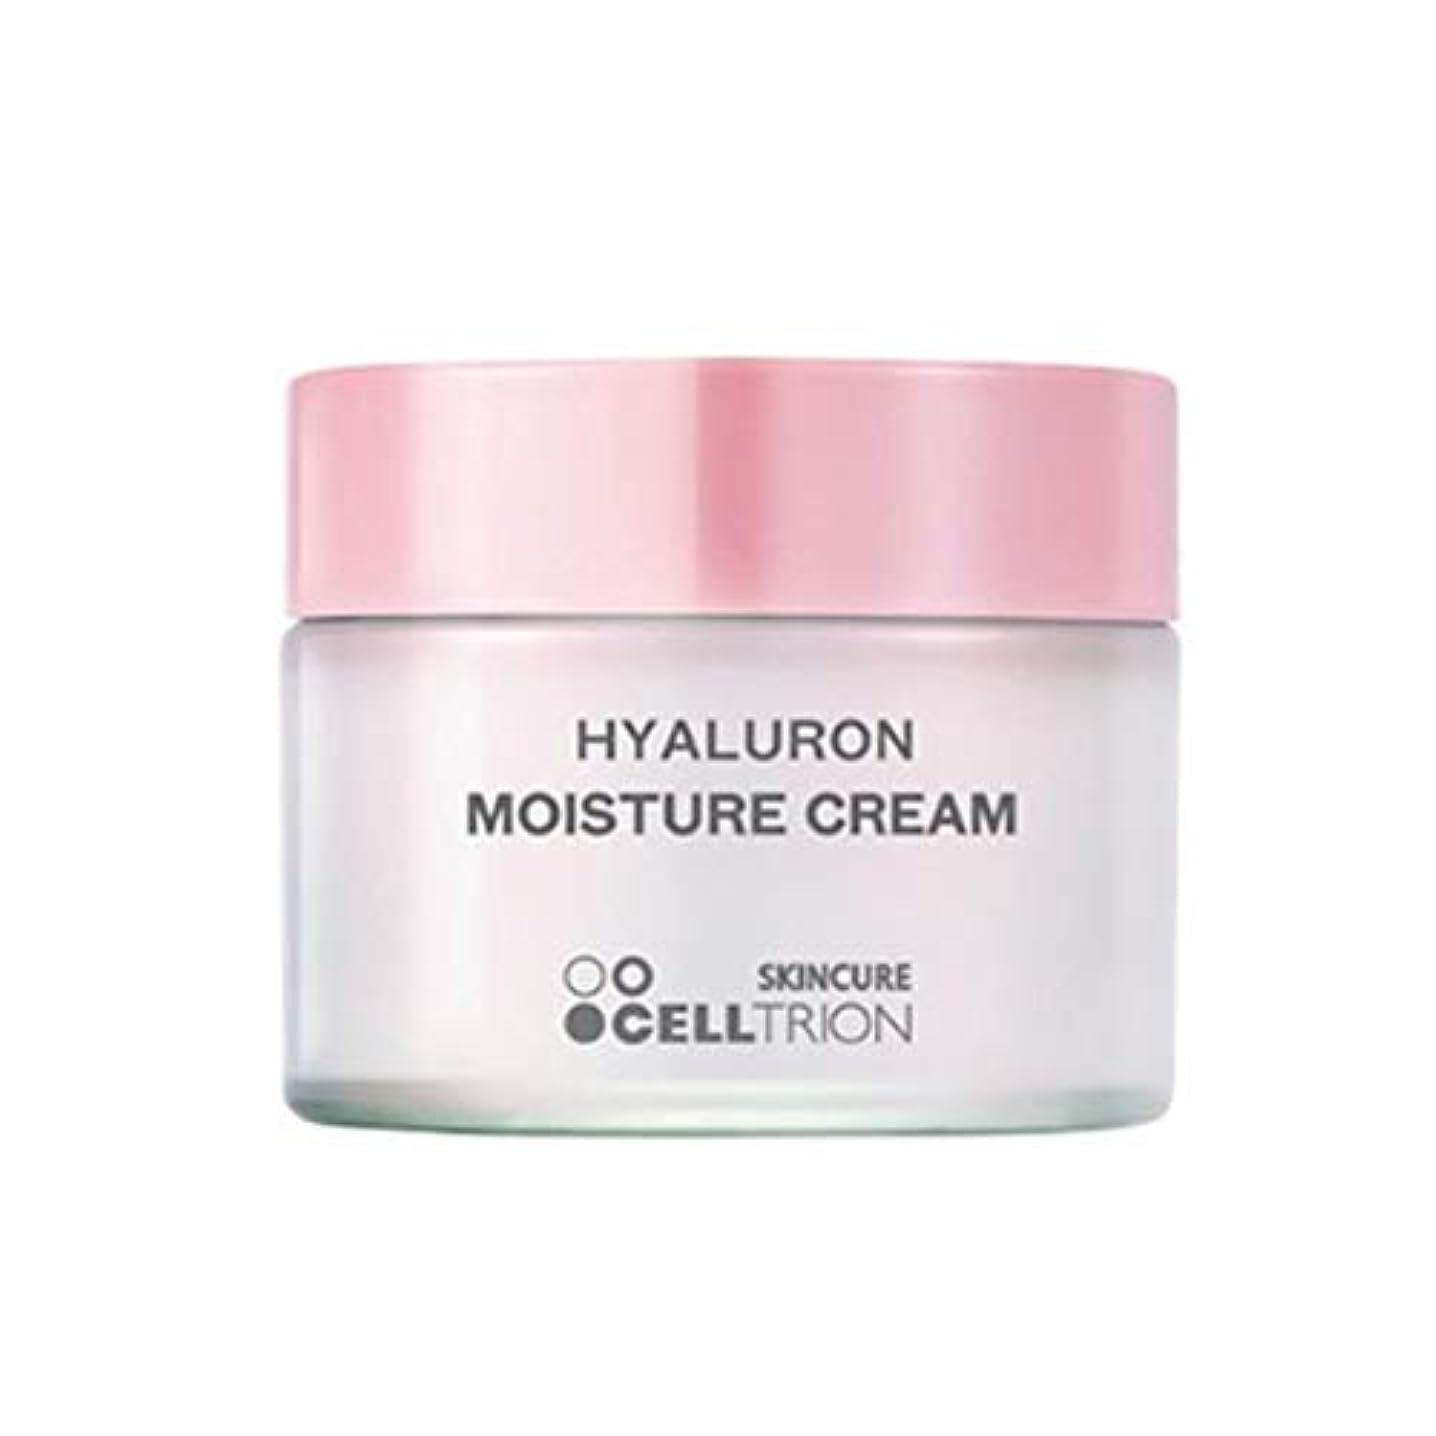 フォルダ摂氏なしでセルトリオンスキンキュアヒアルロンモイスチャークリーム50gしわ改善、Celltrion Skincure Hyaluron Moisture Cream 50g Anti-Wrinkle [並行輸入品]